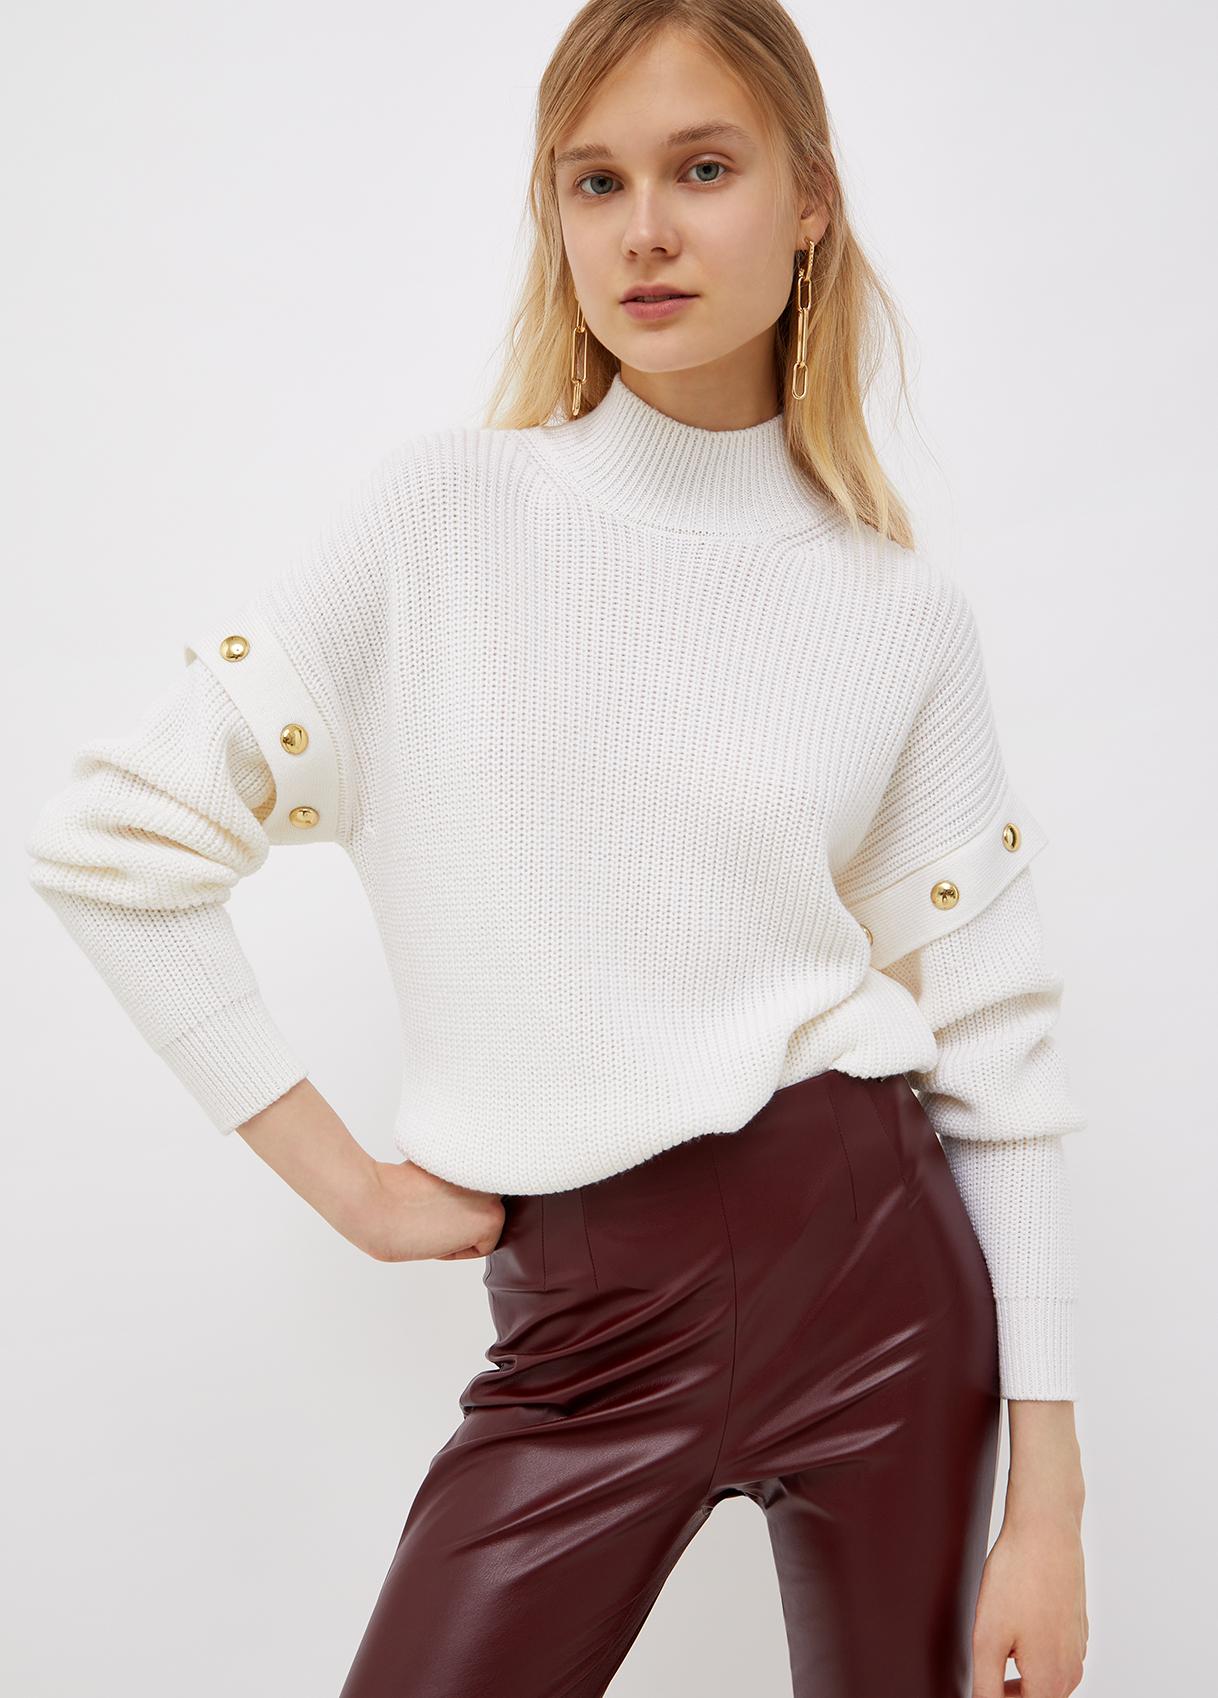 Lupetto donna bianco con borchie oro Liu-Jeans   WF1330MA51I10701